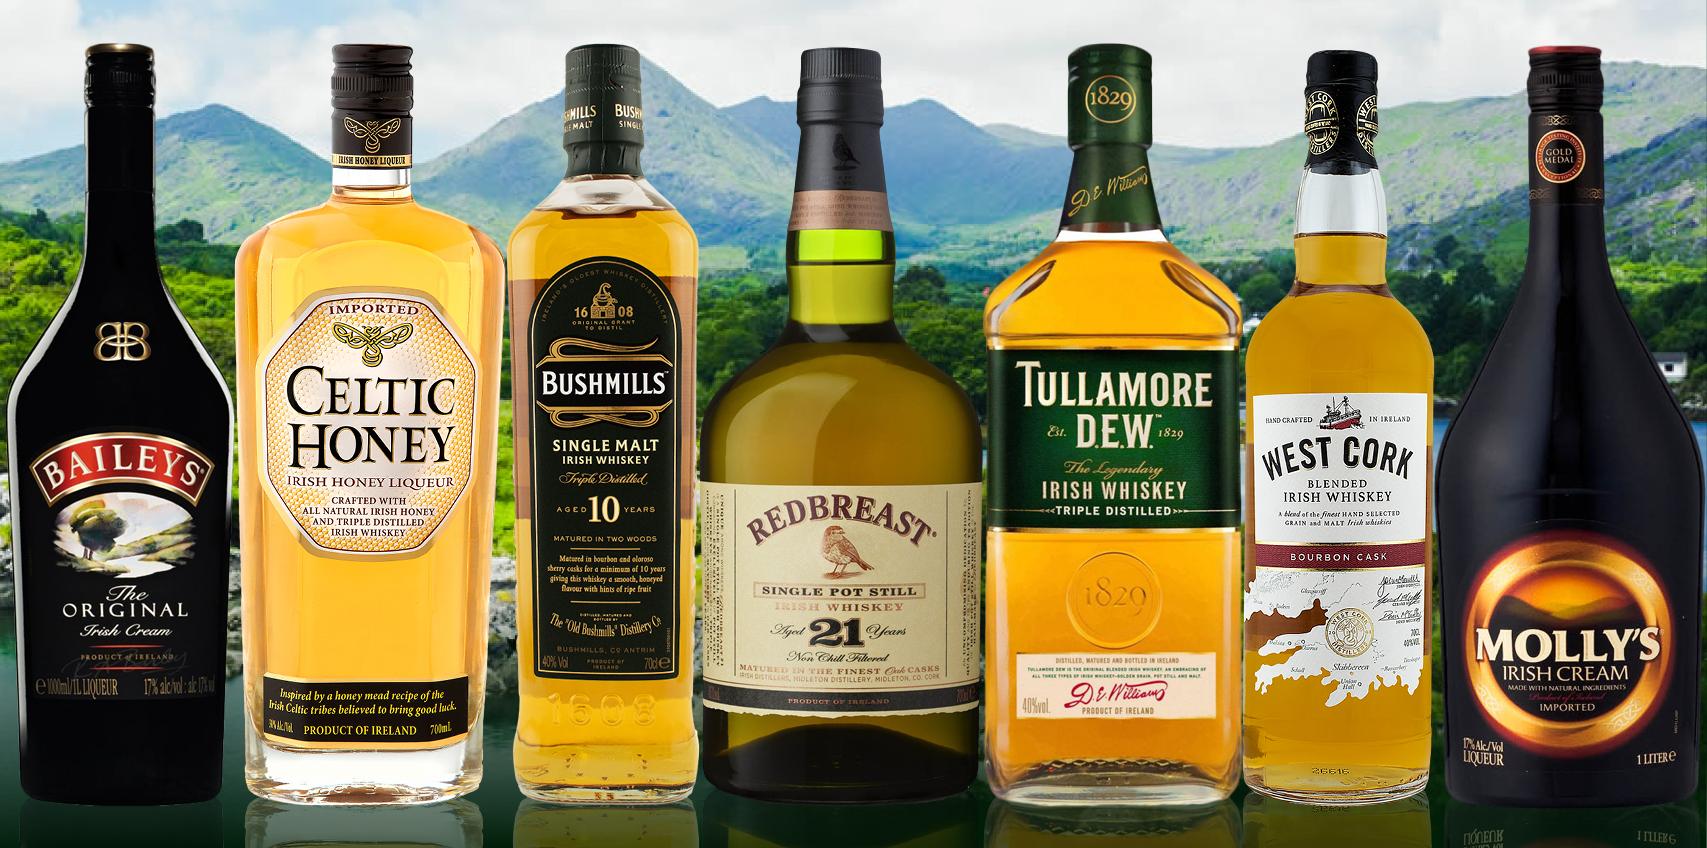 slider-st-pats-day-irish-whiskeys-and-creams.jpg